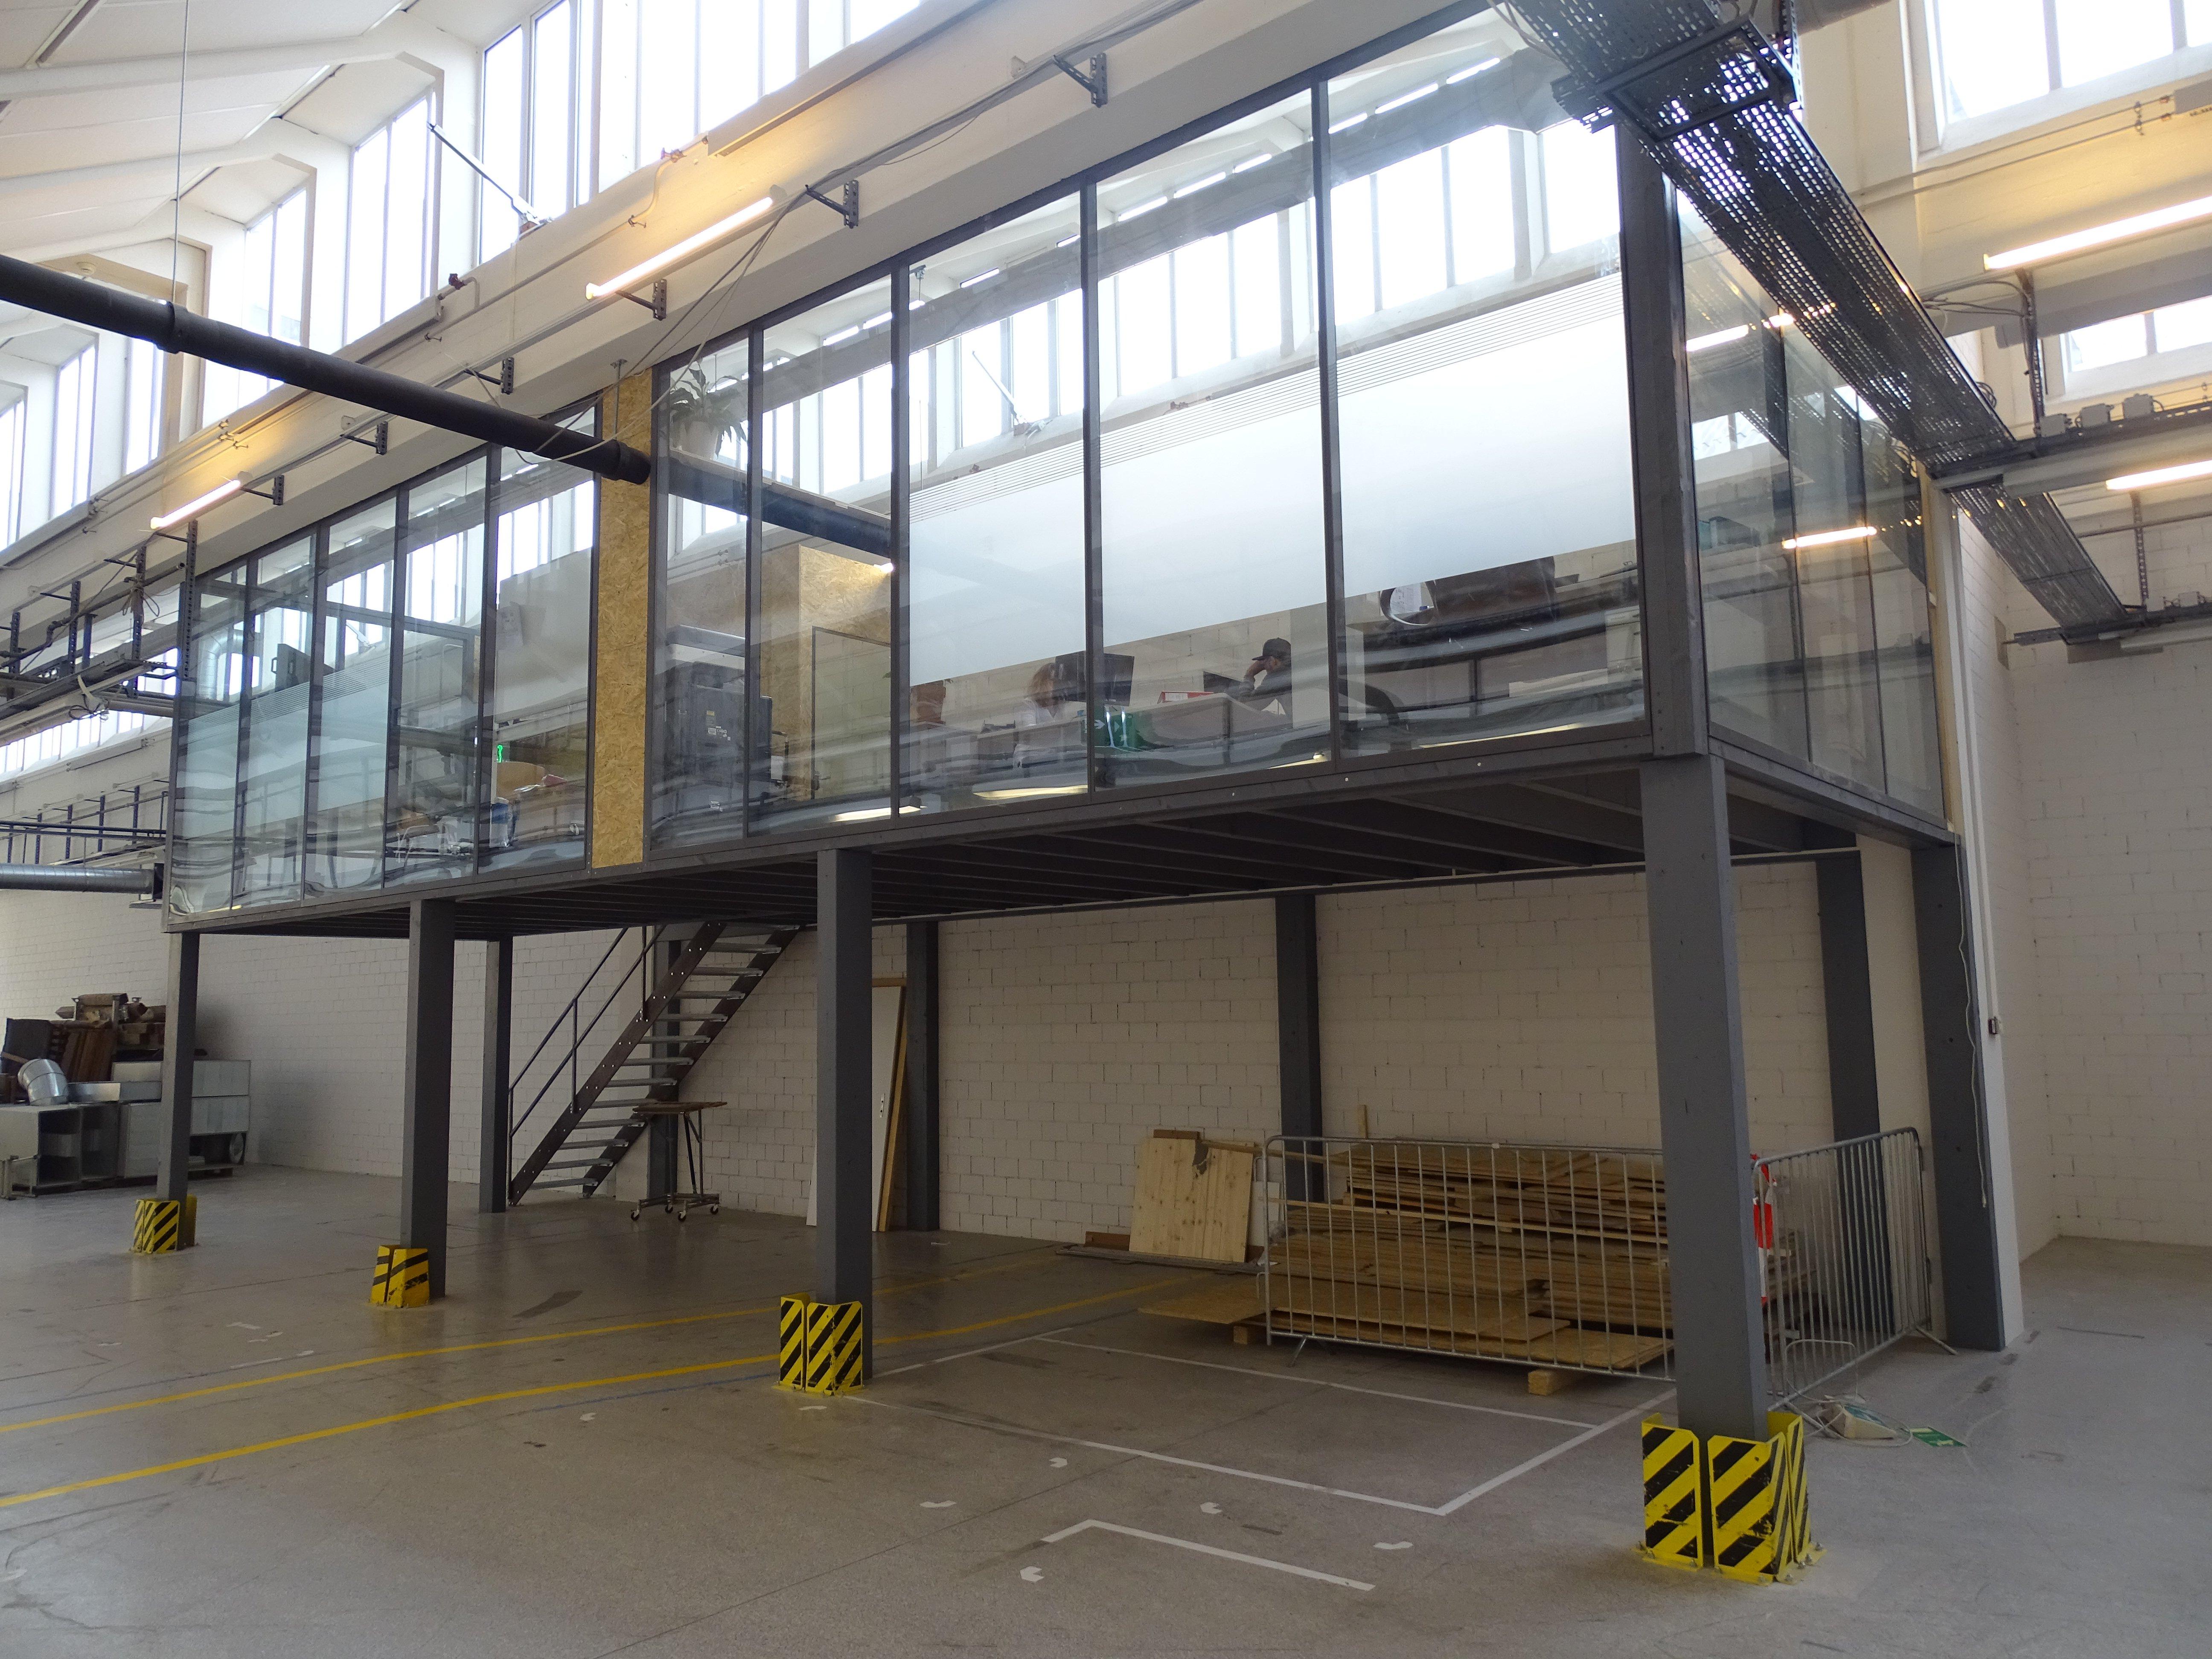 Das Büro der Geschäftsleitung wird so bestehen bleiben, der Platz darunter wird aber mit Sitzmögllichkeiten ausgestattet.